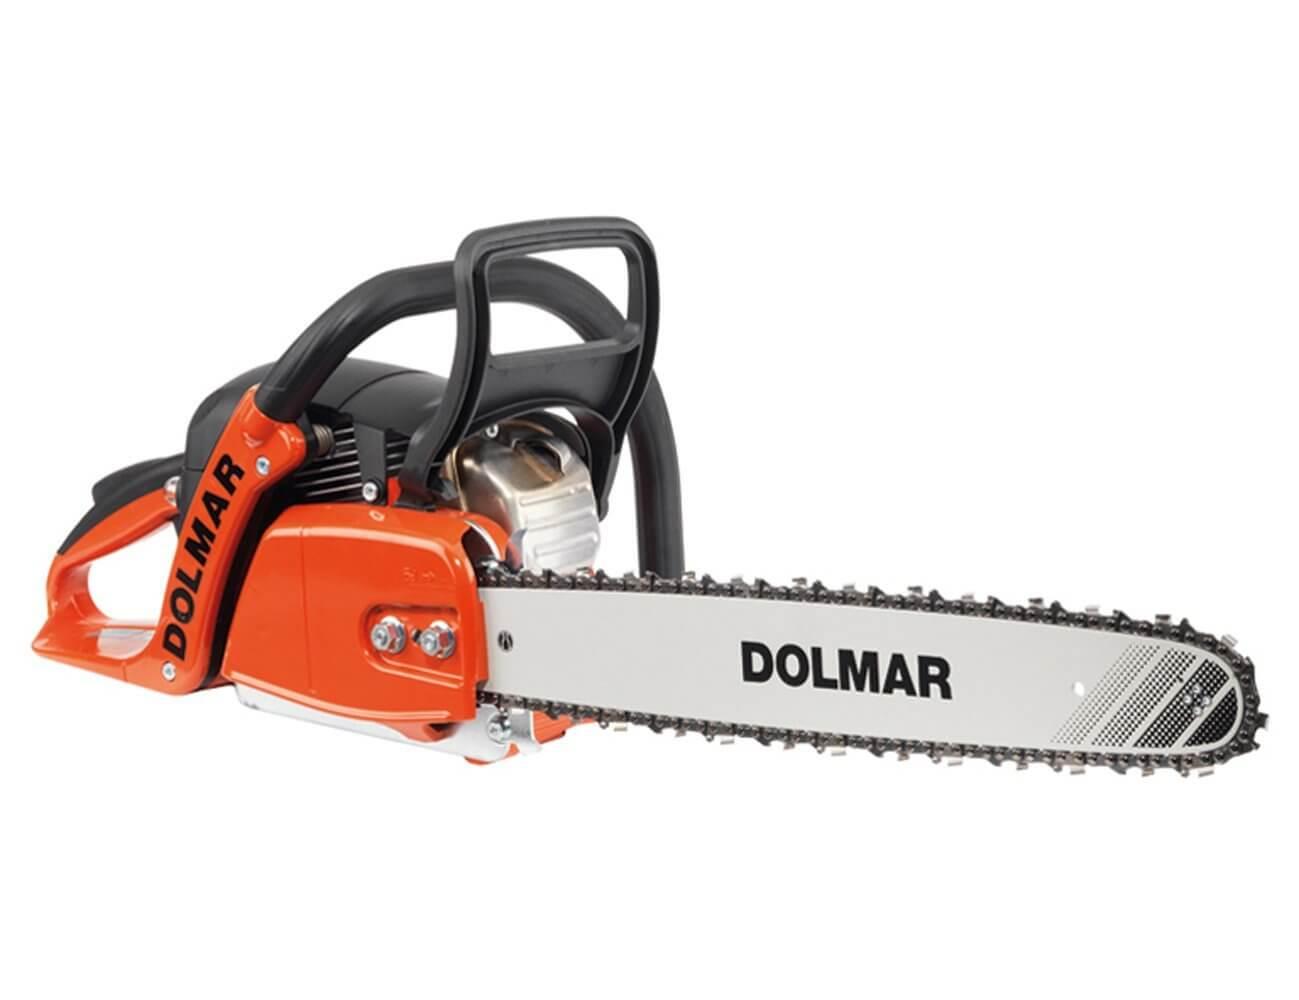 Dolmar ps 420c kettensäge dolmar ps 420c jetzt kaufen!